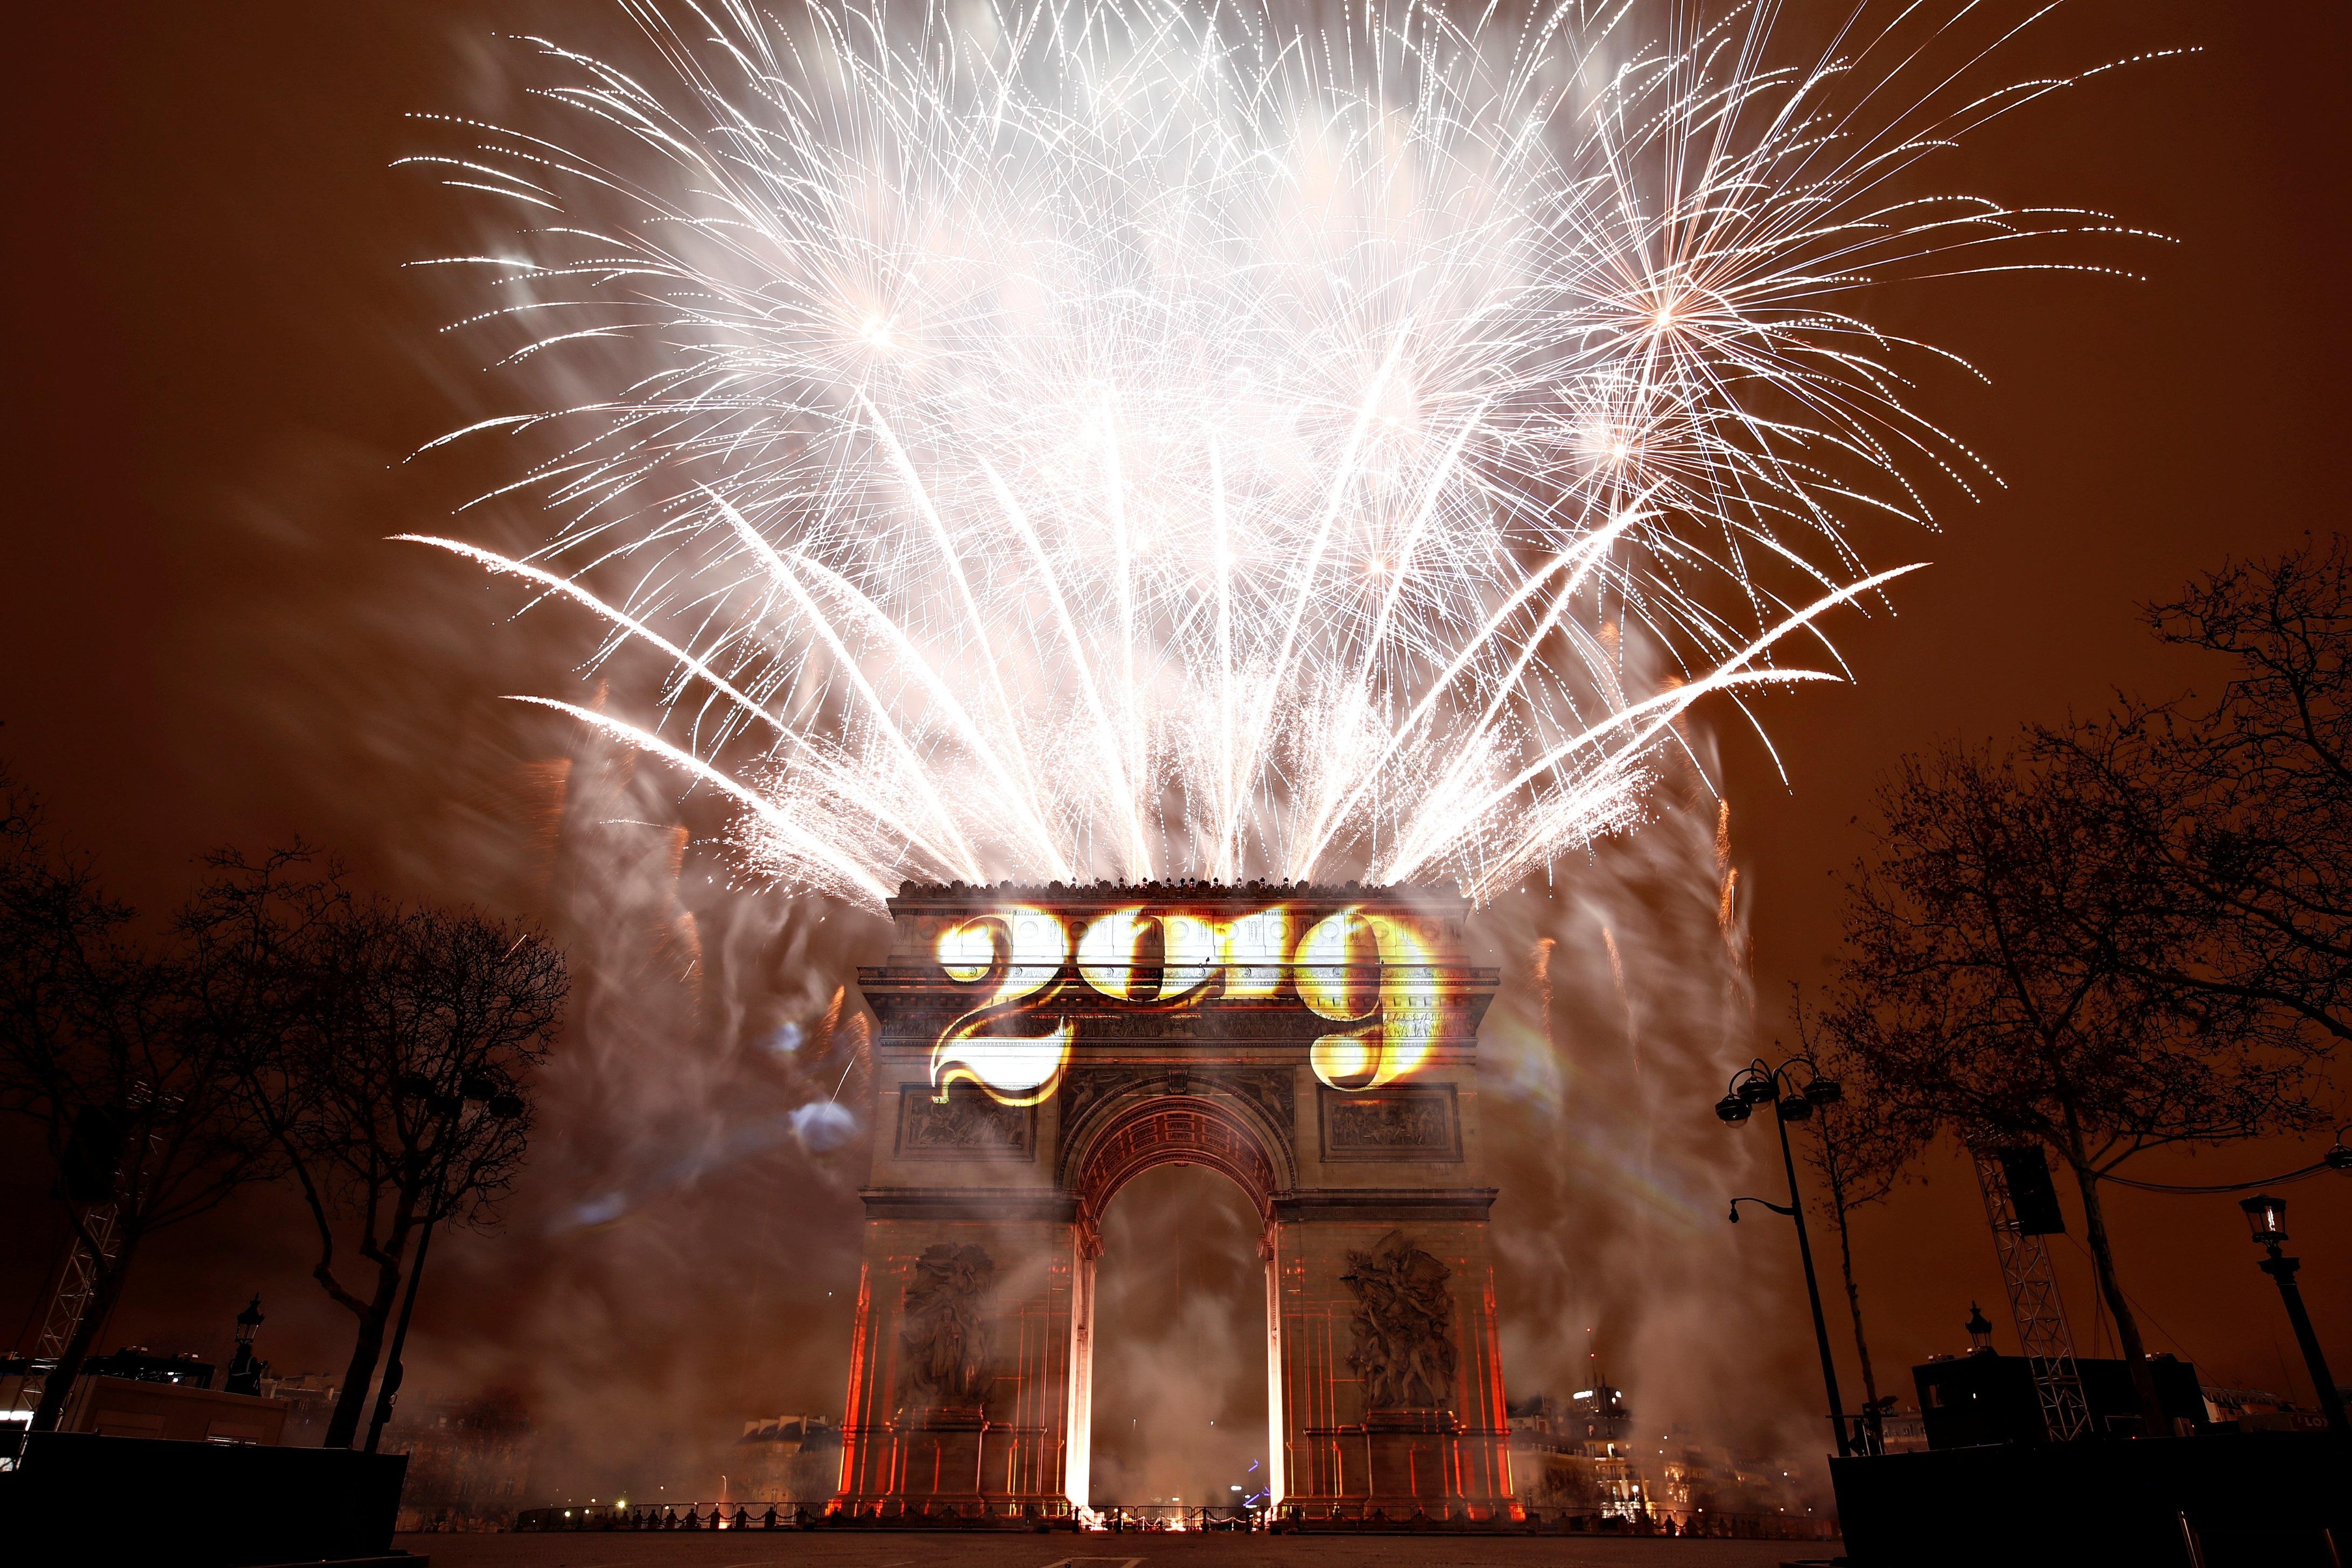 احتفالات عند قوس النصر في باريس برأس السنة الميلادية الجديدة